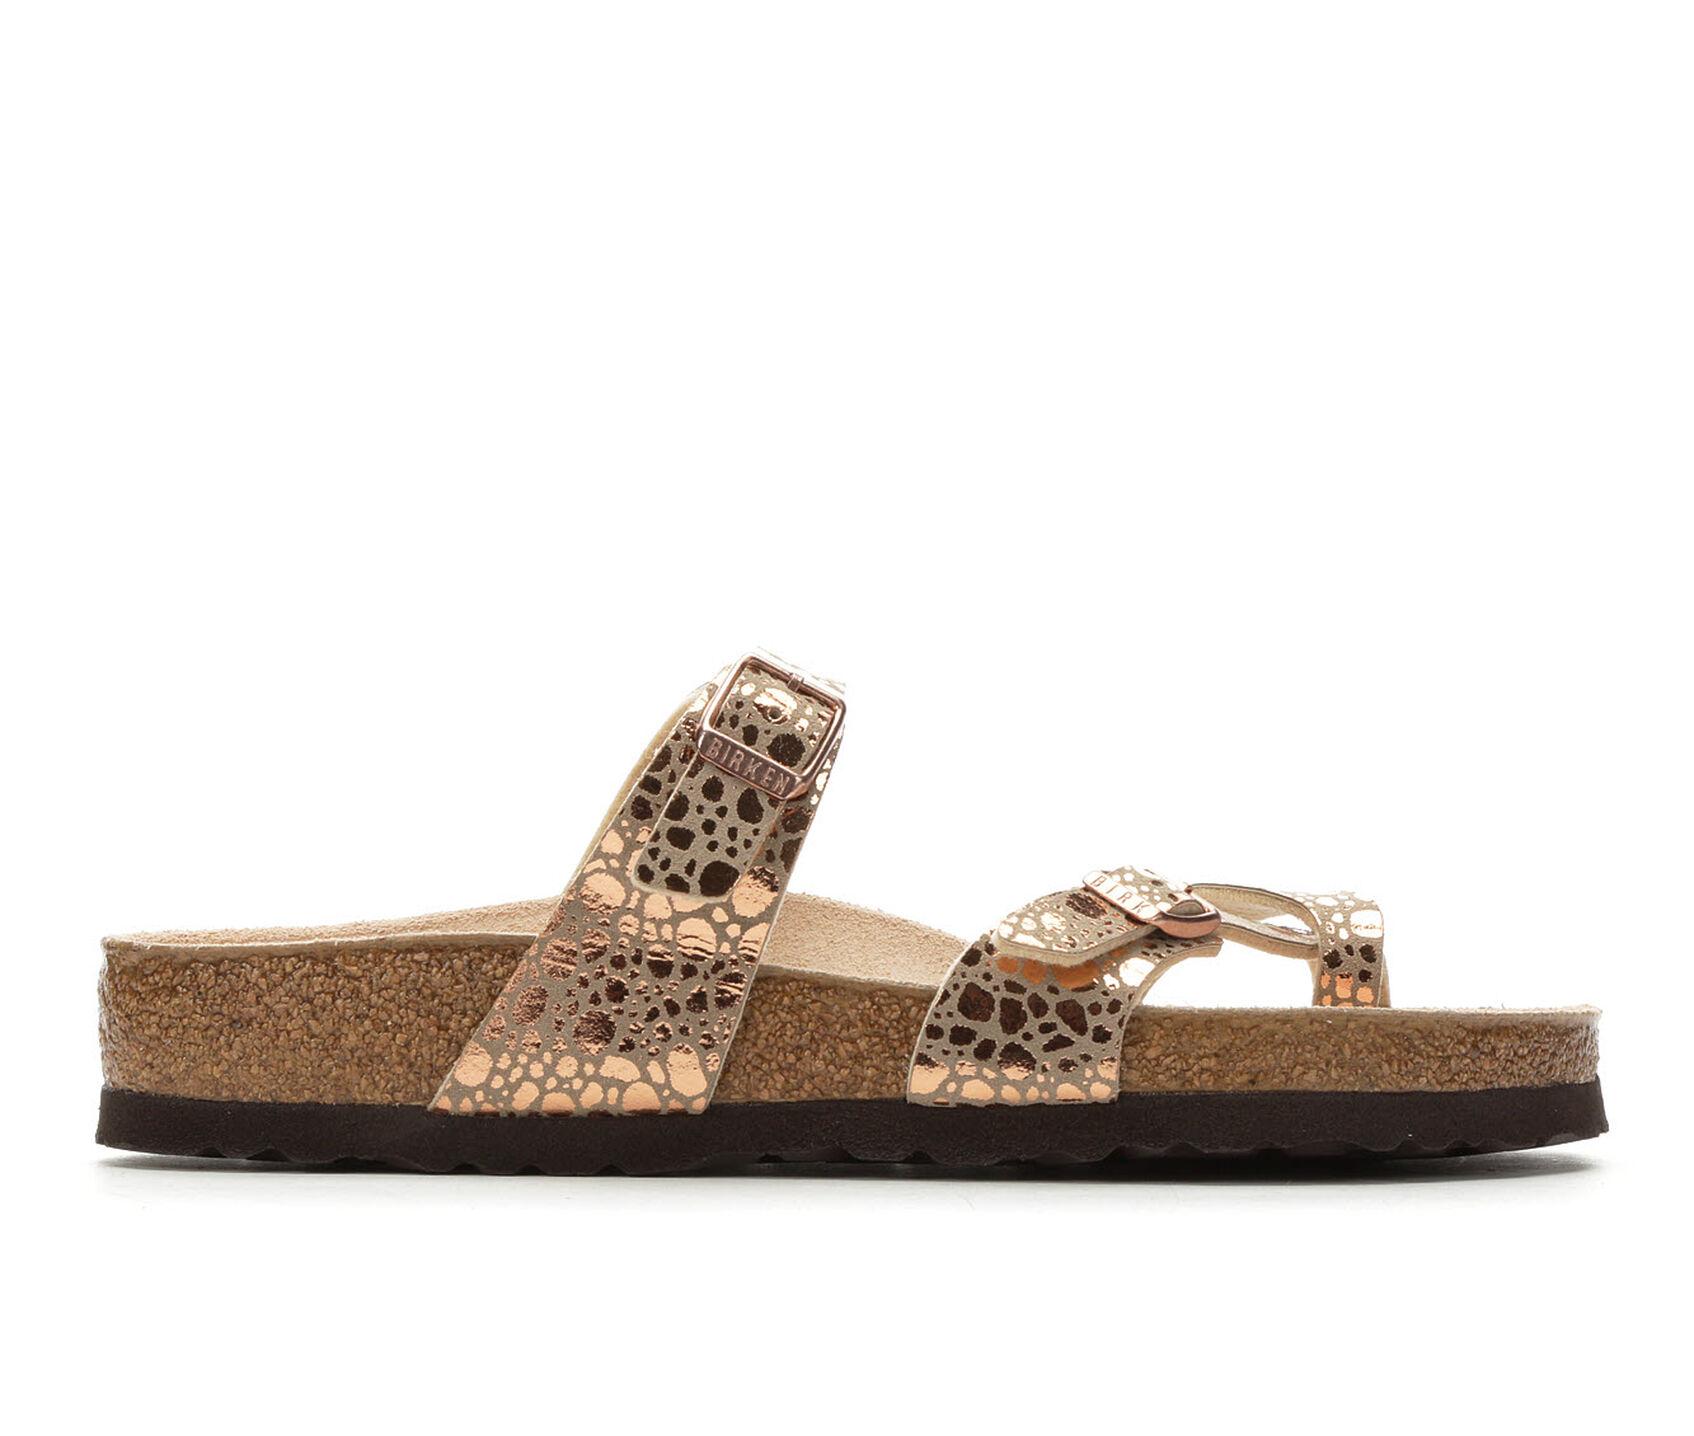 493444a03 Women's Birkenstock Mayari Footbed Sandals | Shoe Carnival